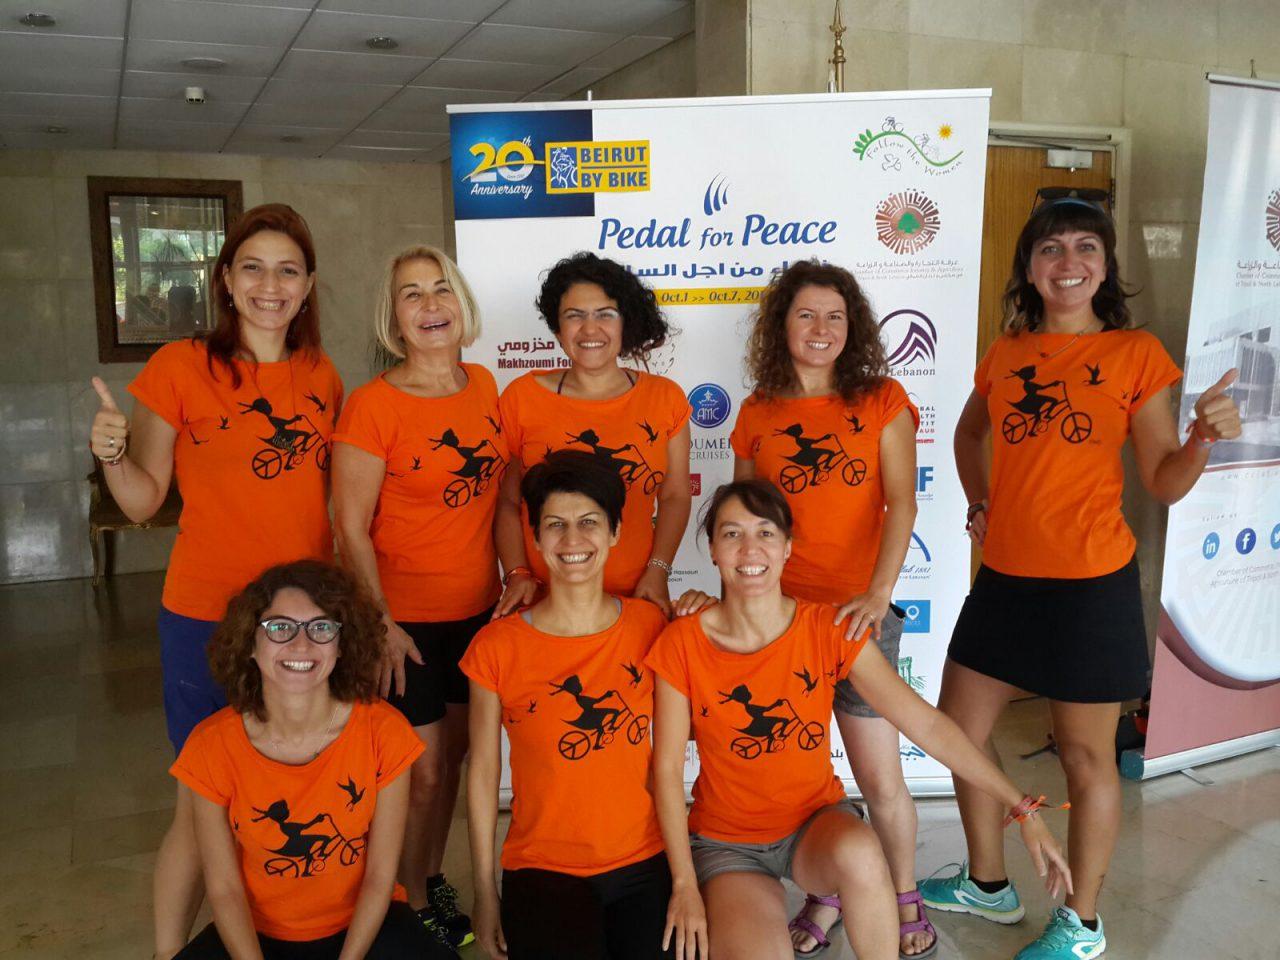 Türkiye'den sekiz kadın barış İçin Lübnan'da pedal çevirdi